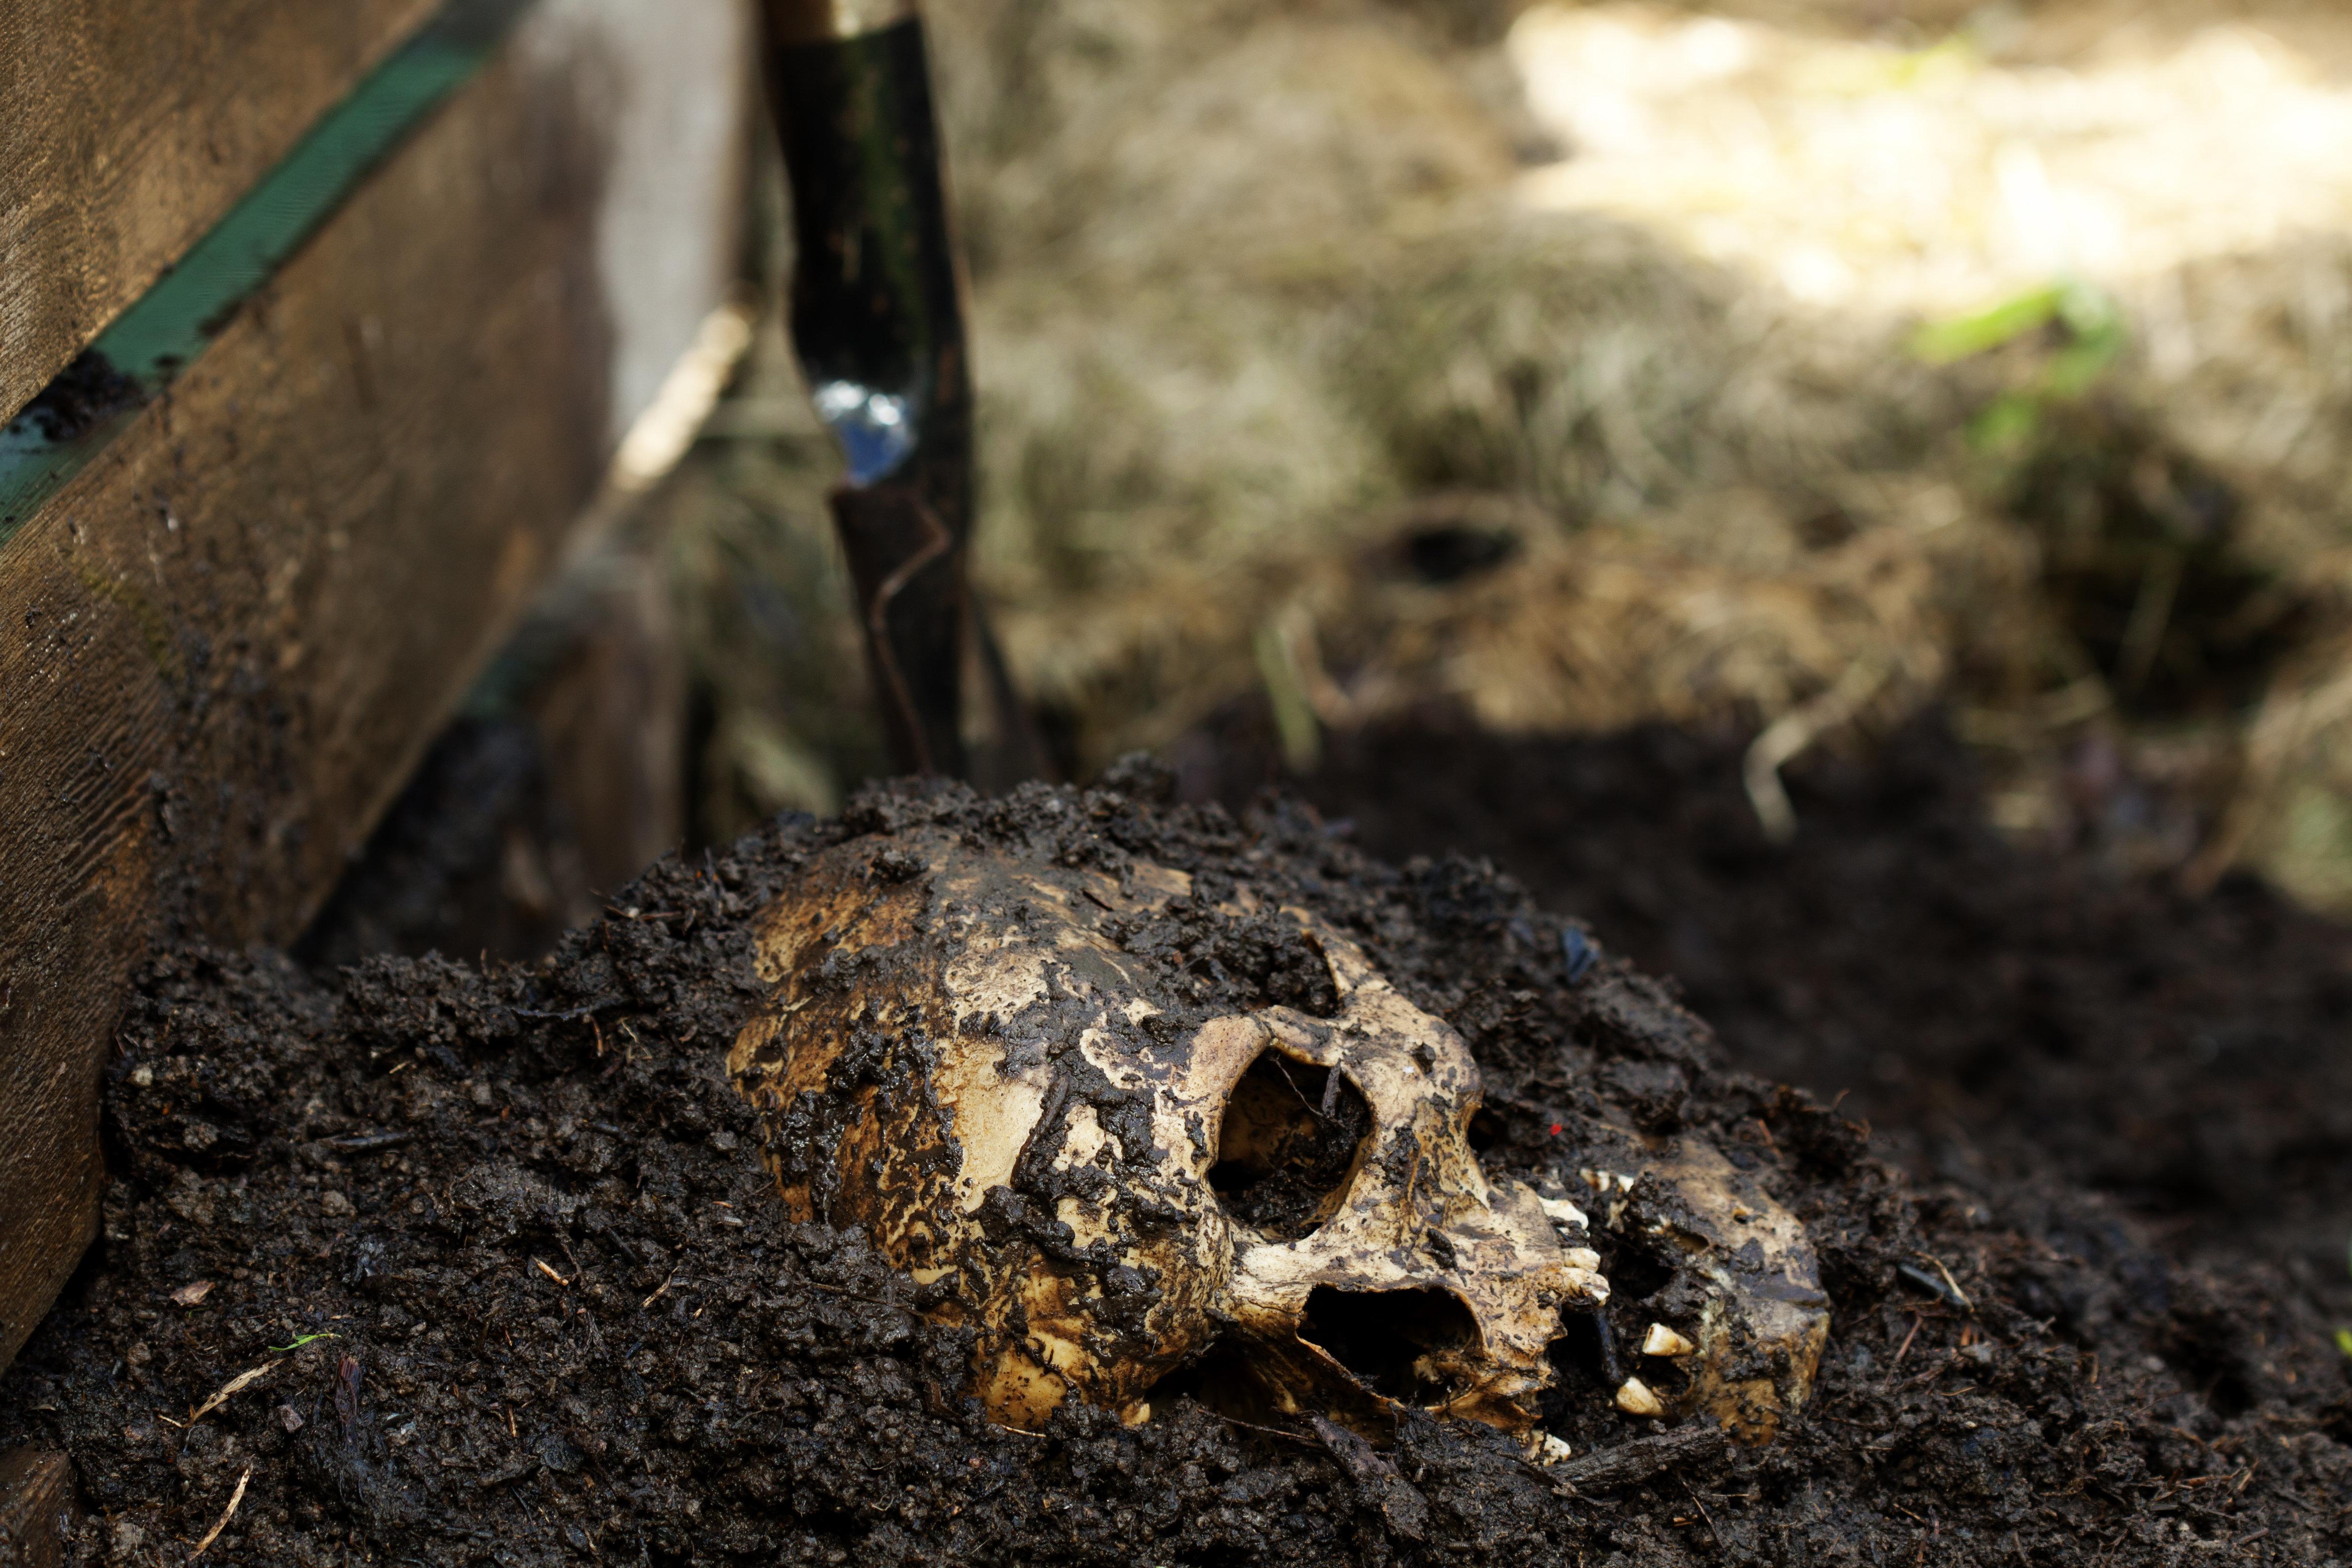 Mann gräbt im Garten menschlichen Schädel aus – die Reaktion seiner Frau macht fassungslos